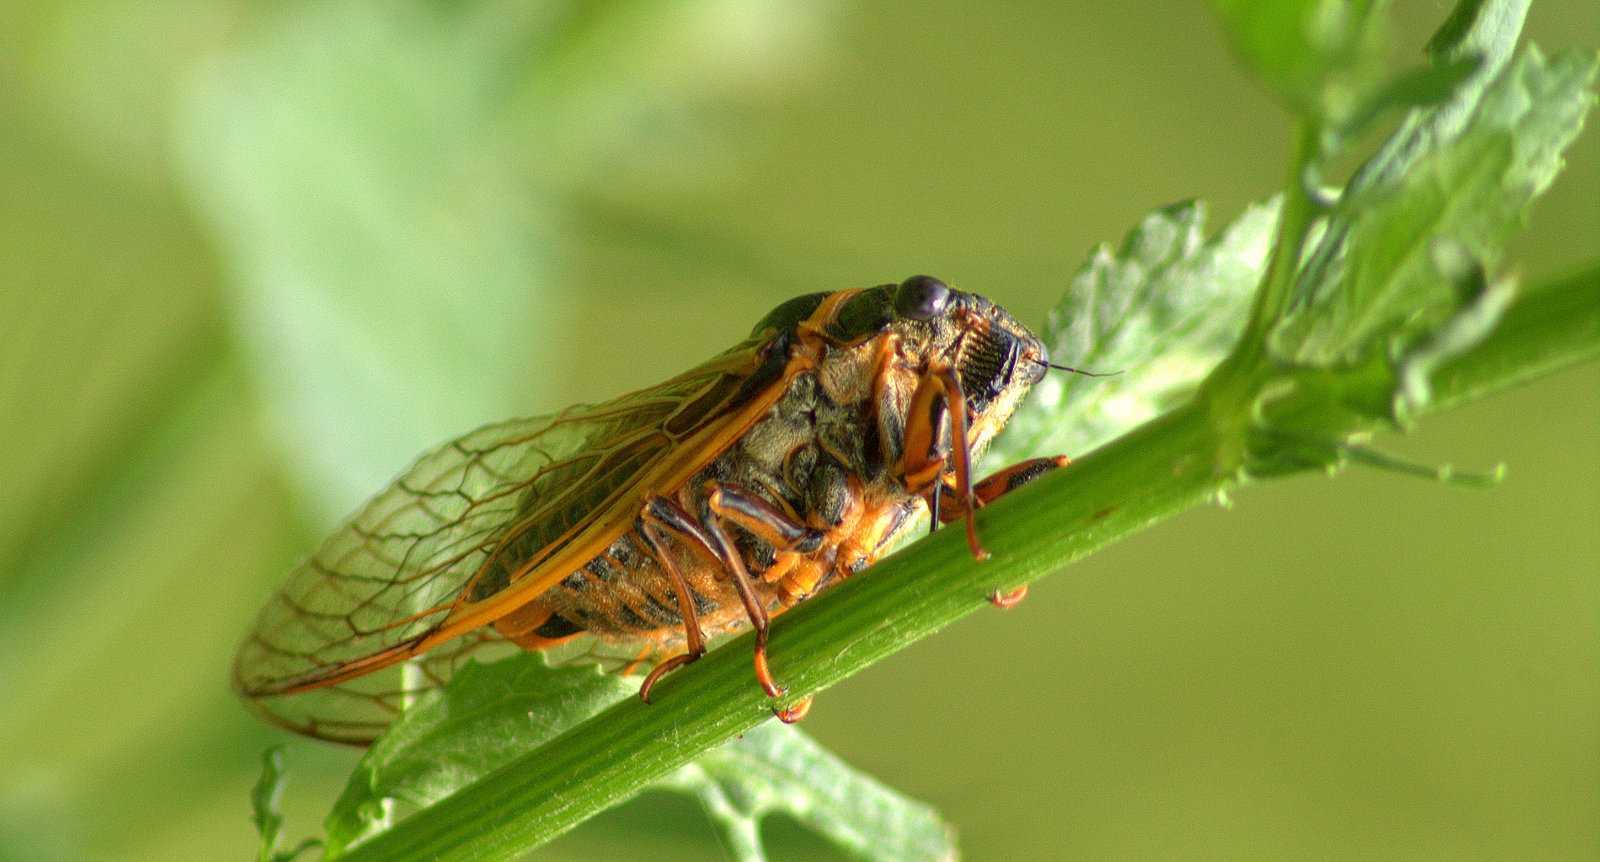 kahve falinda agustos bocegi gormek - Ağustos Böceği